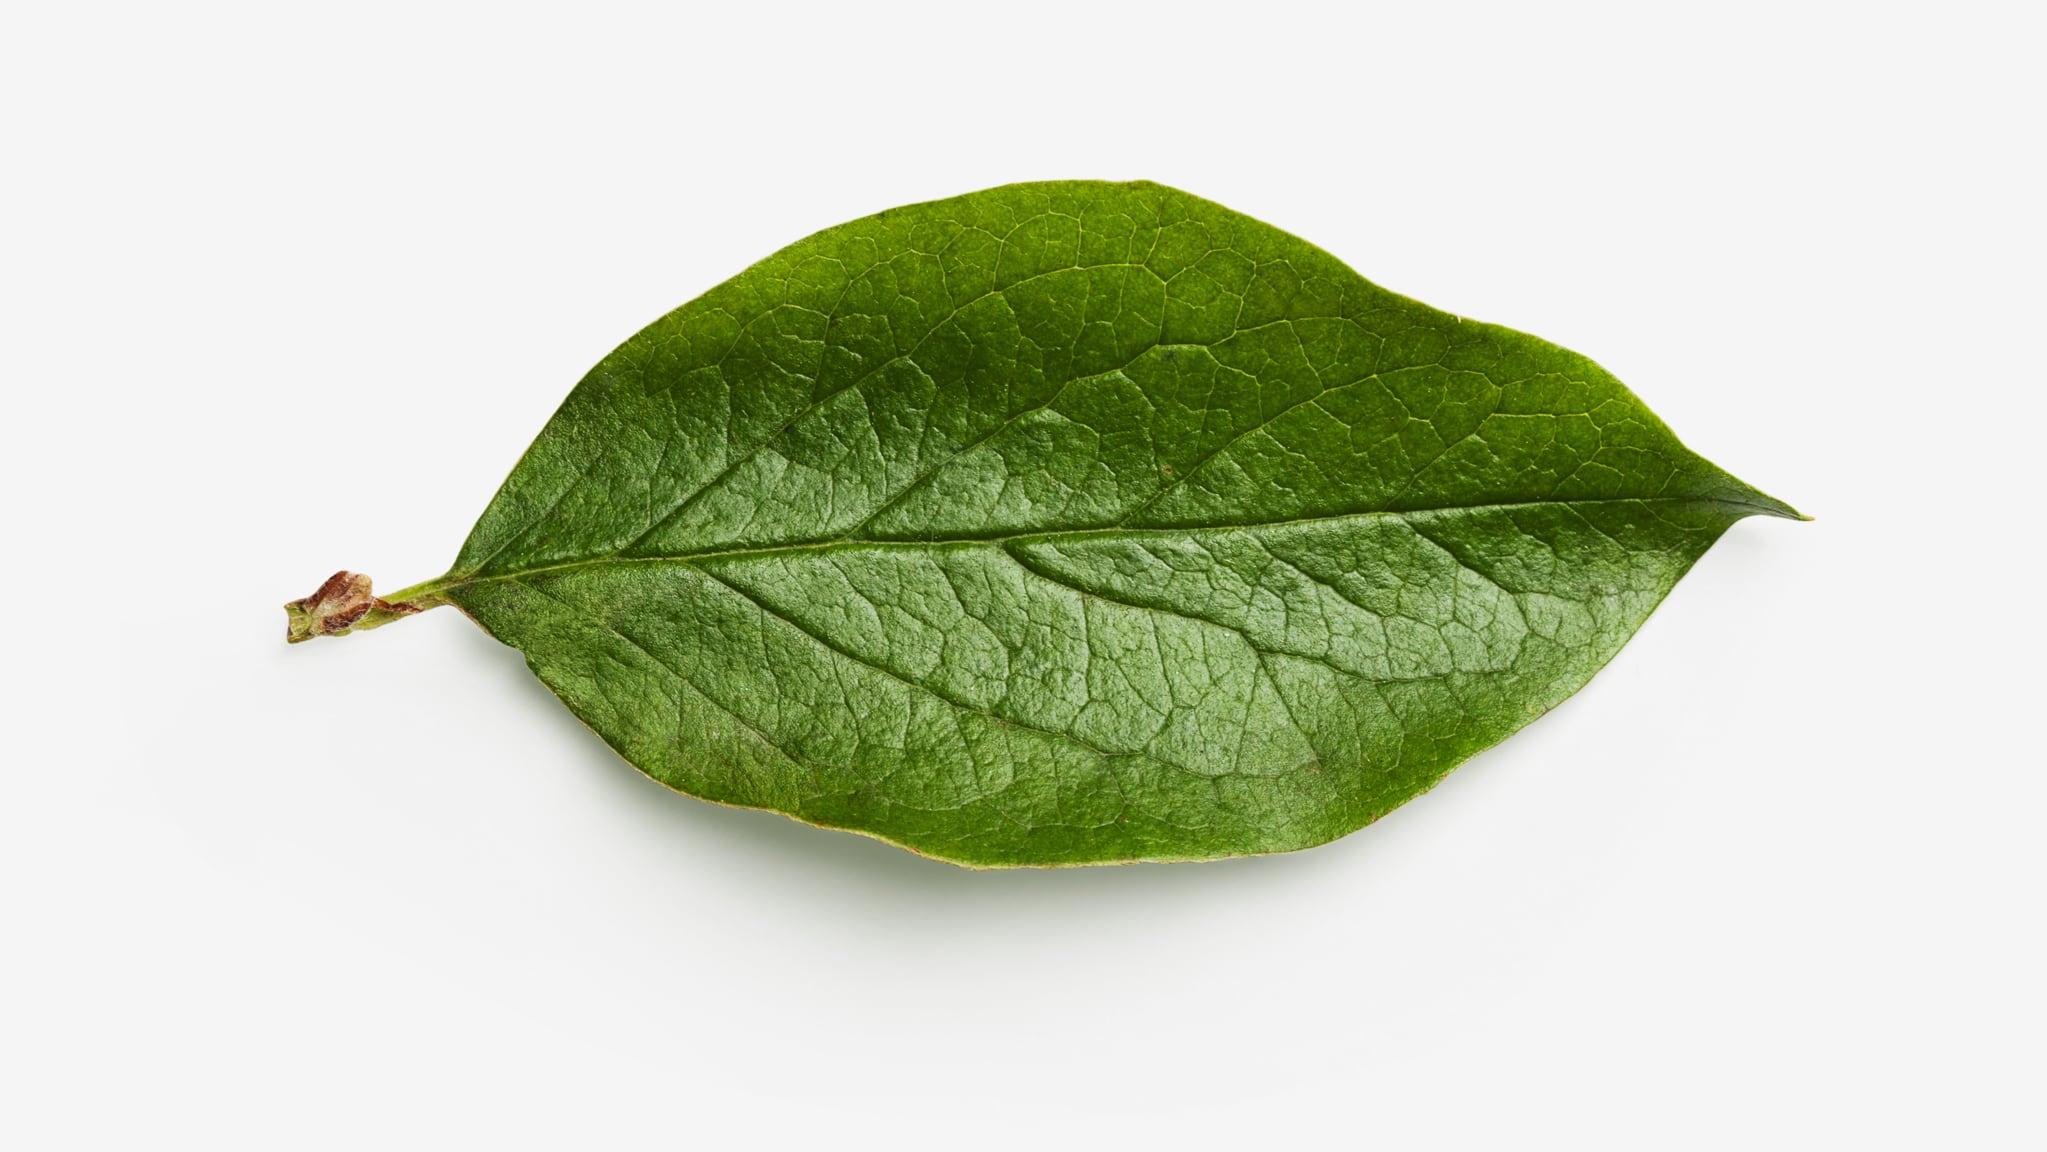 Leaf image asset with transparent background